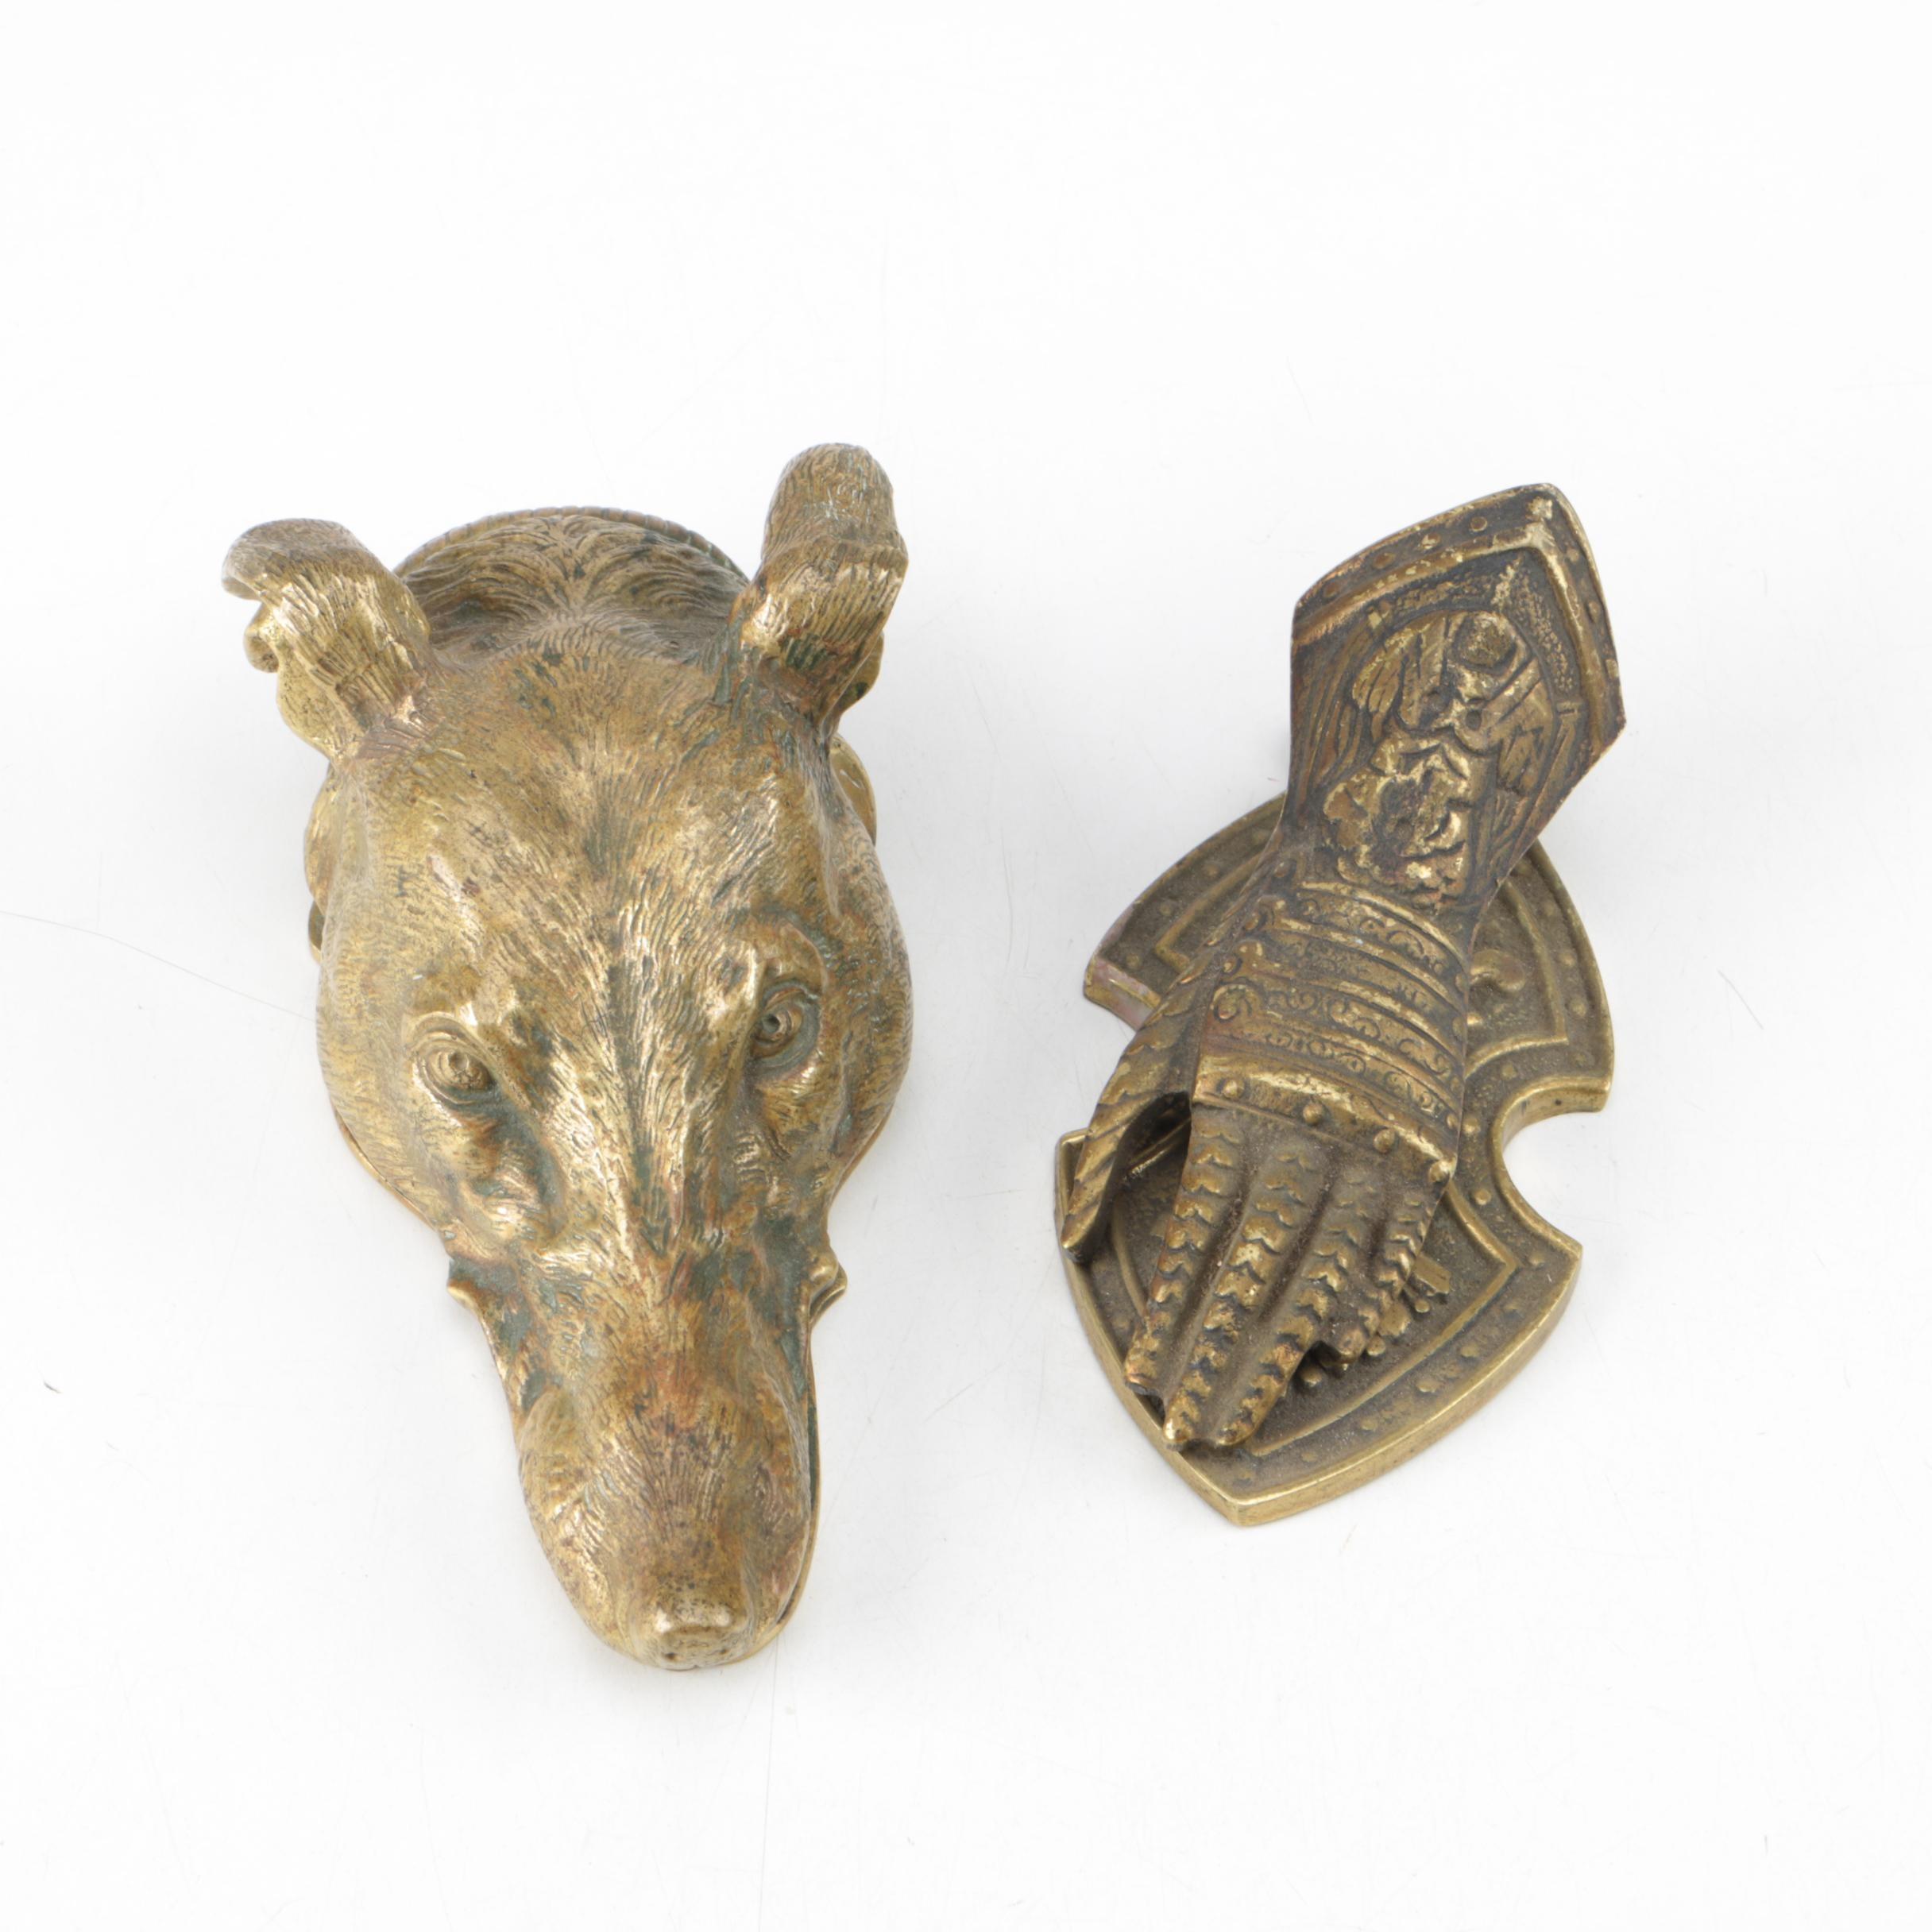 Vintage Figural Brass Paper Clips